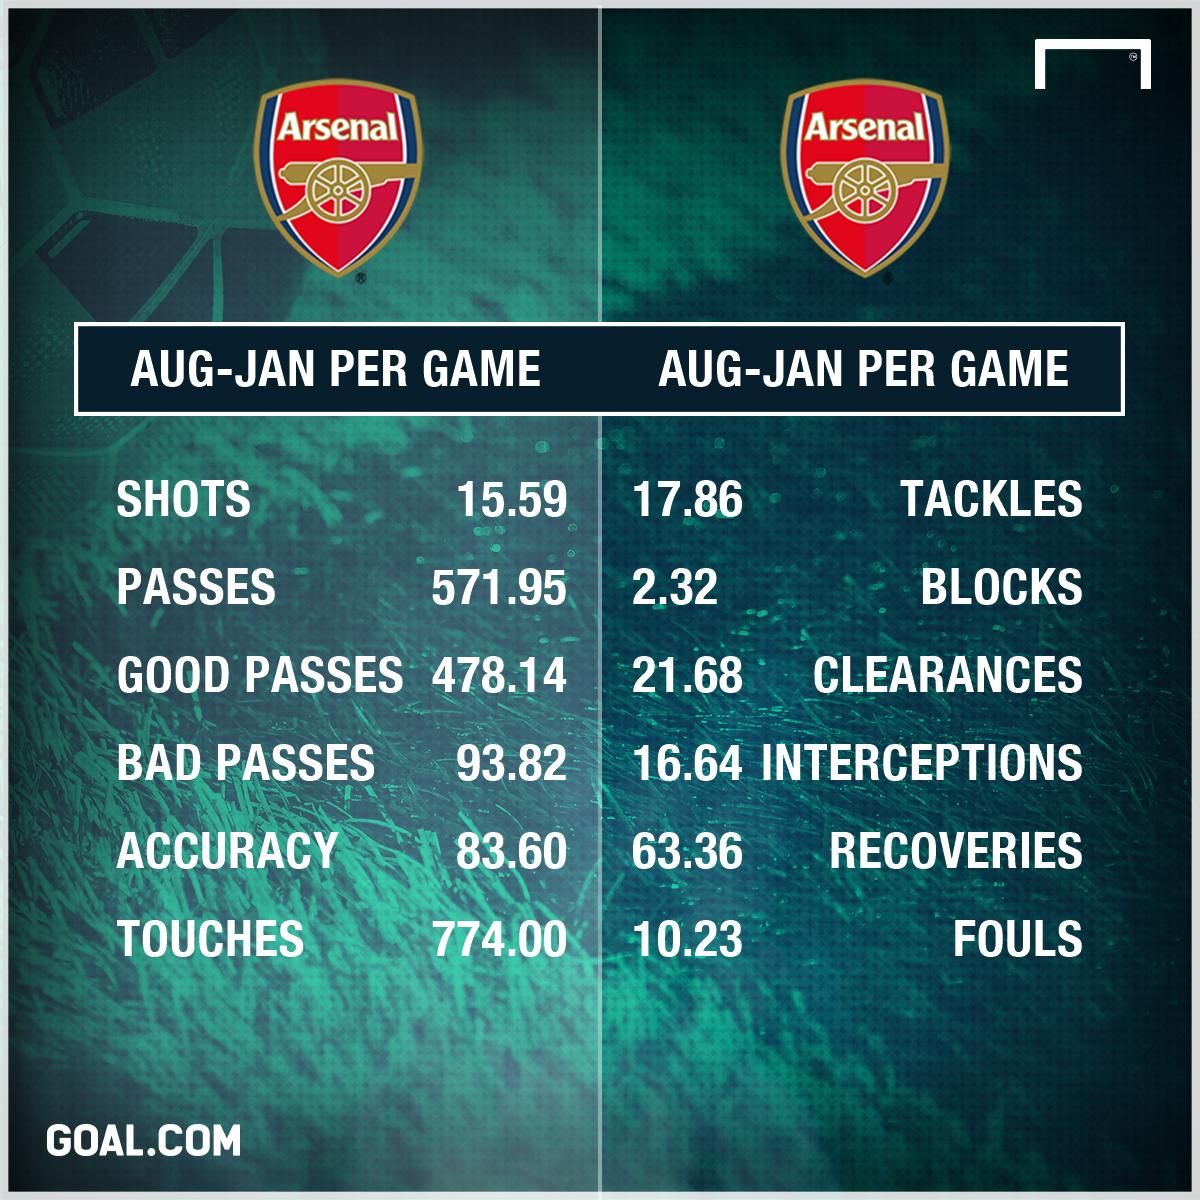 Arsenal per game Aug Jan